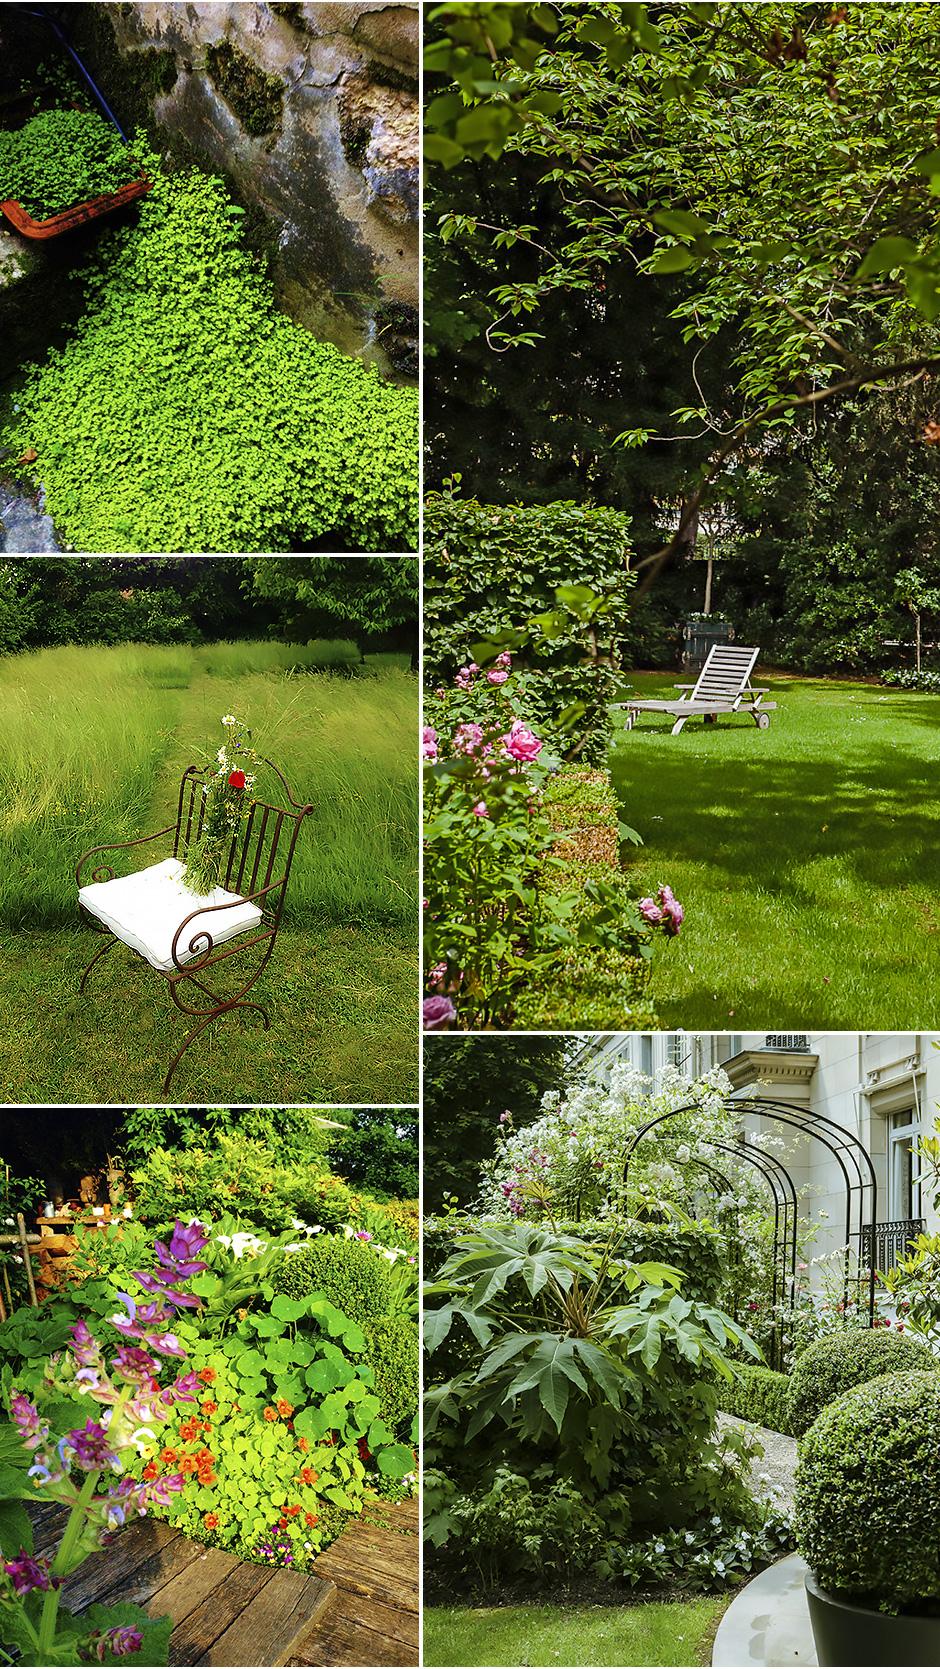 paysagistes paris claire et michel corajoud adr jardins duole paris balcon paris me jardin. Black Bedroom Furniture Sets. Home Design Ideas